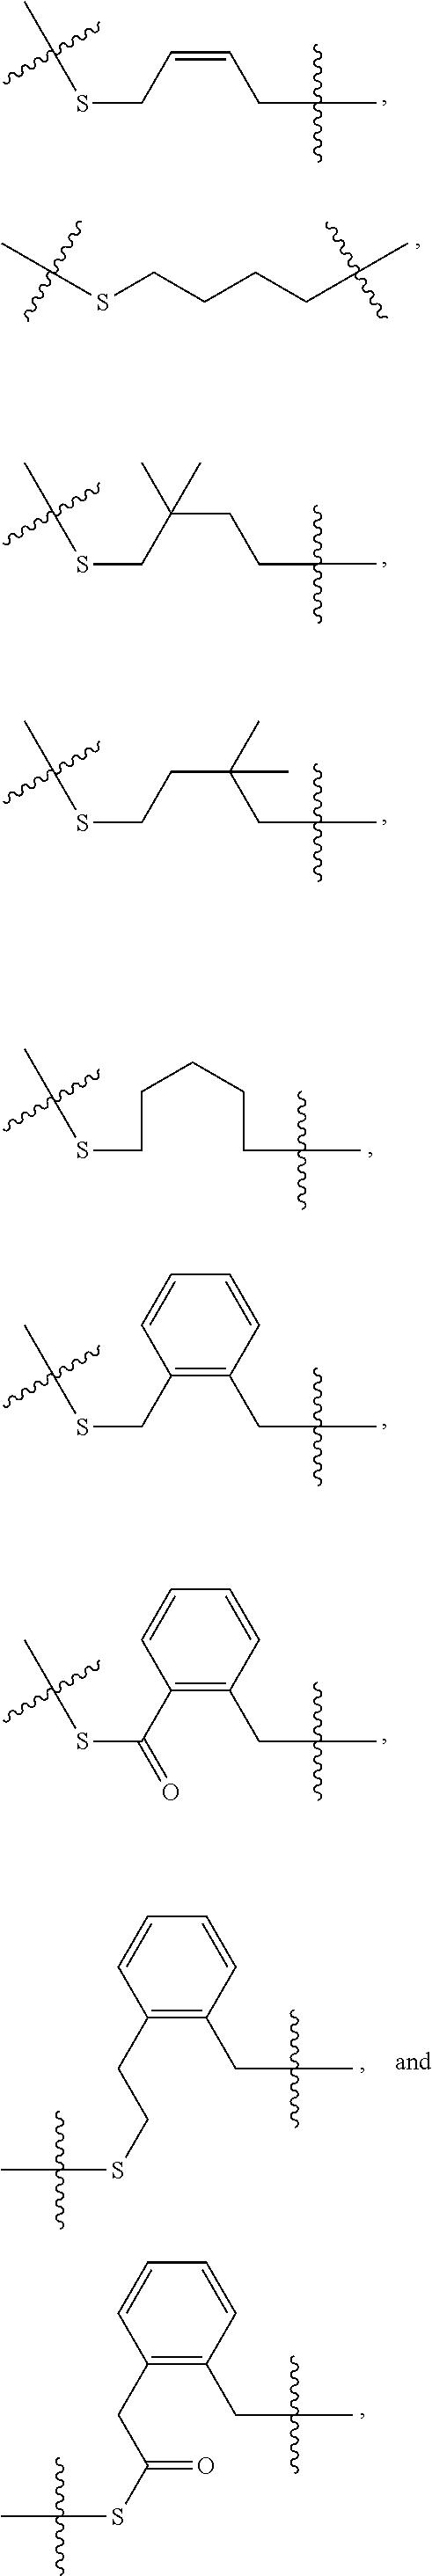 Figure US09982257-20180529-C00034